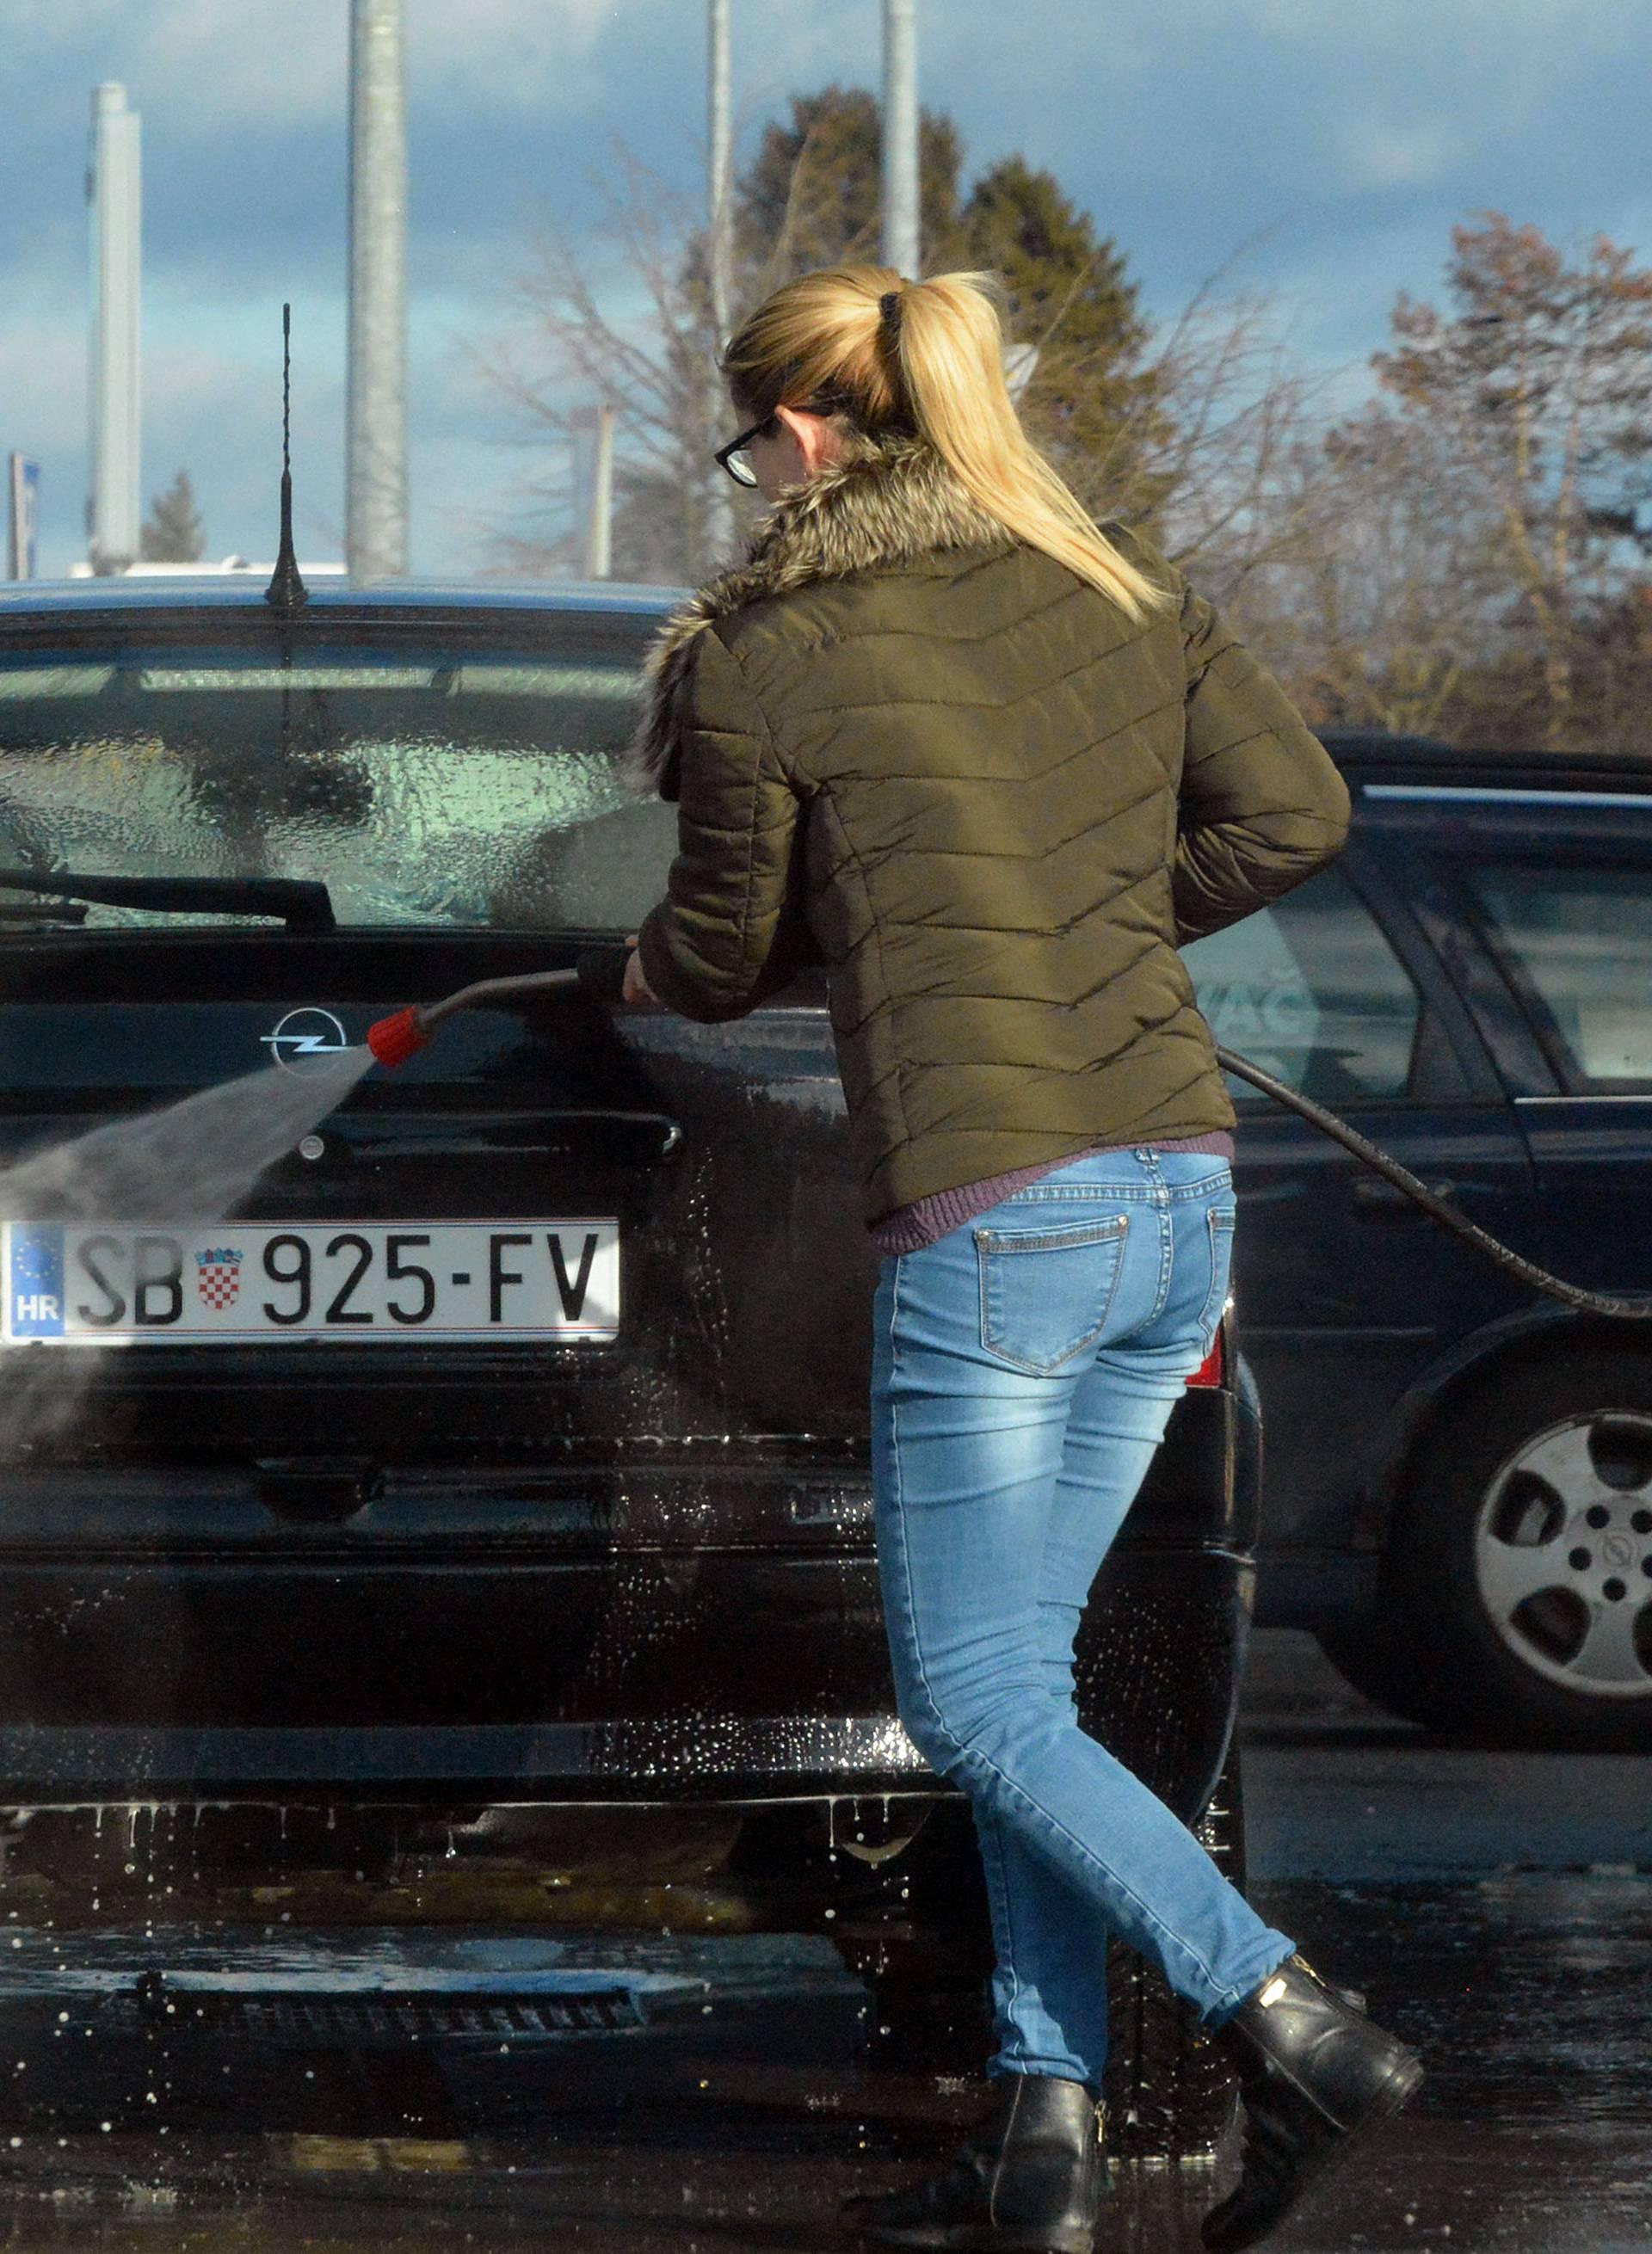 Ovako ćete najbolje oprati svoj auto nakon duge i hladne zime